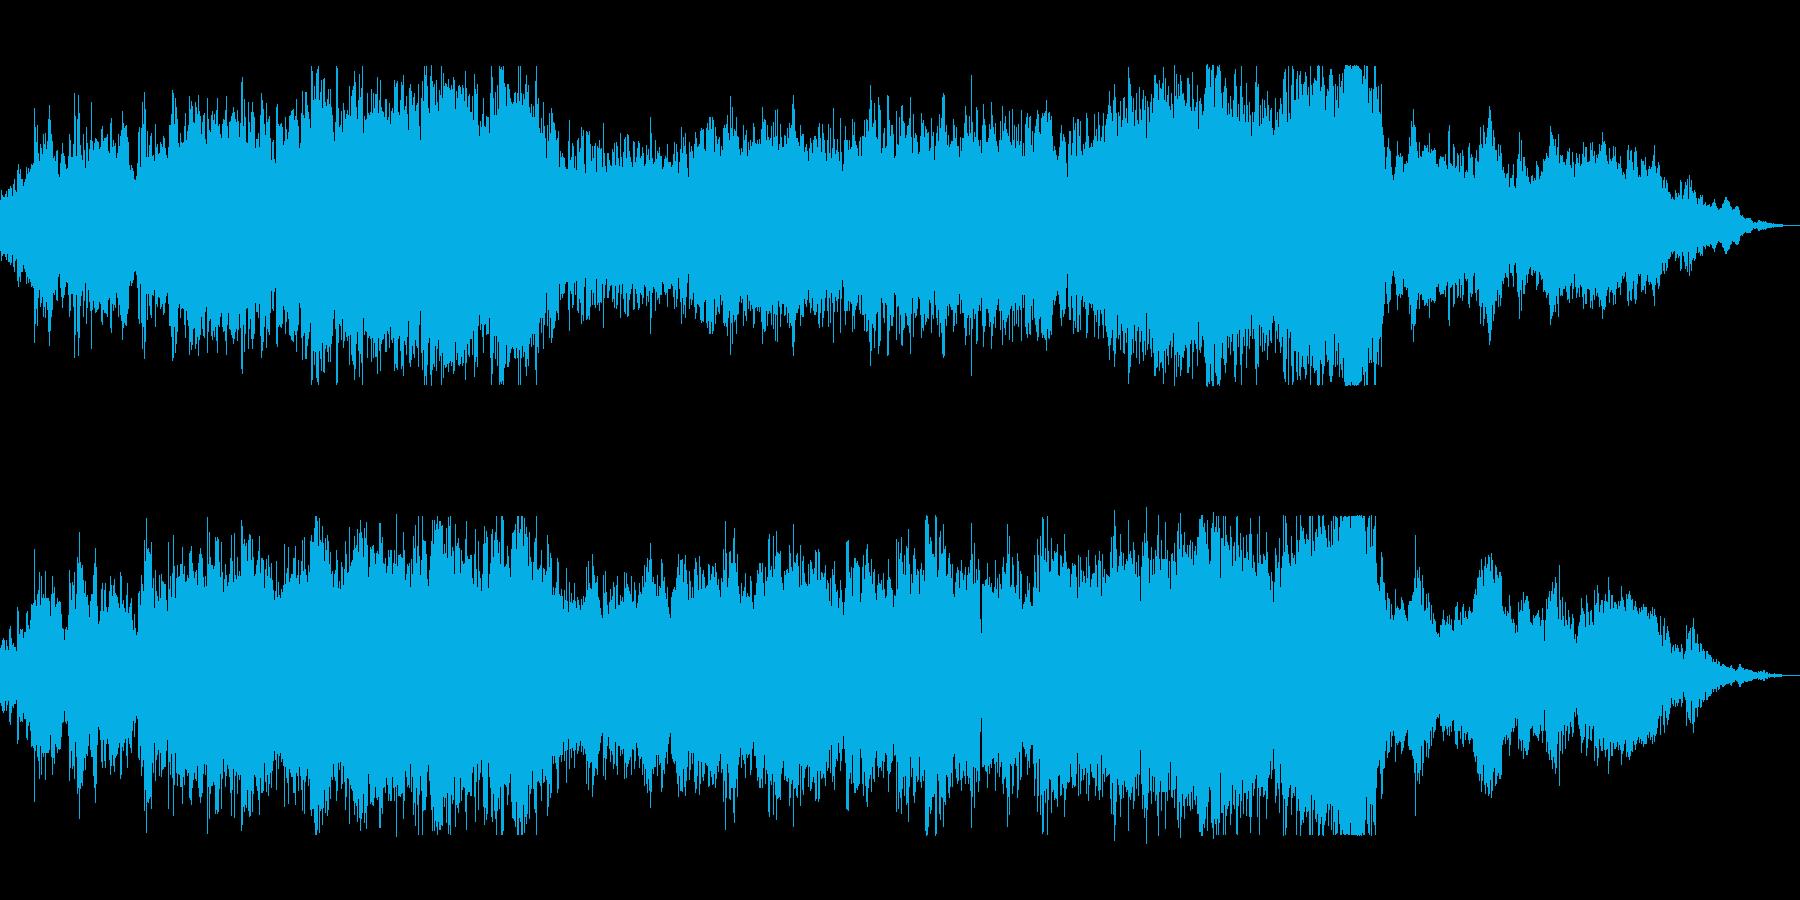 壮大なオーケストラのサウンドトラックの再生済みの波形